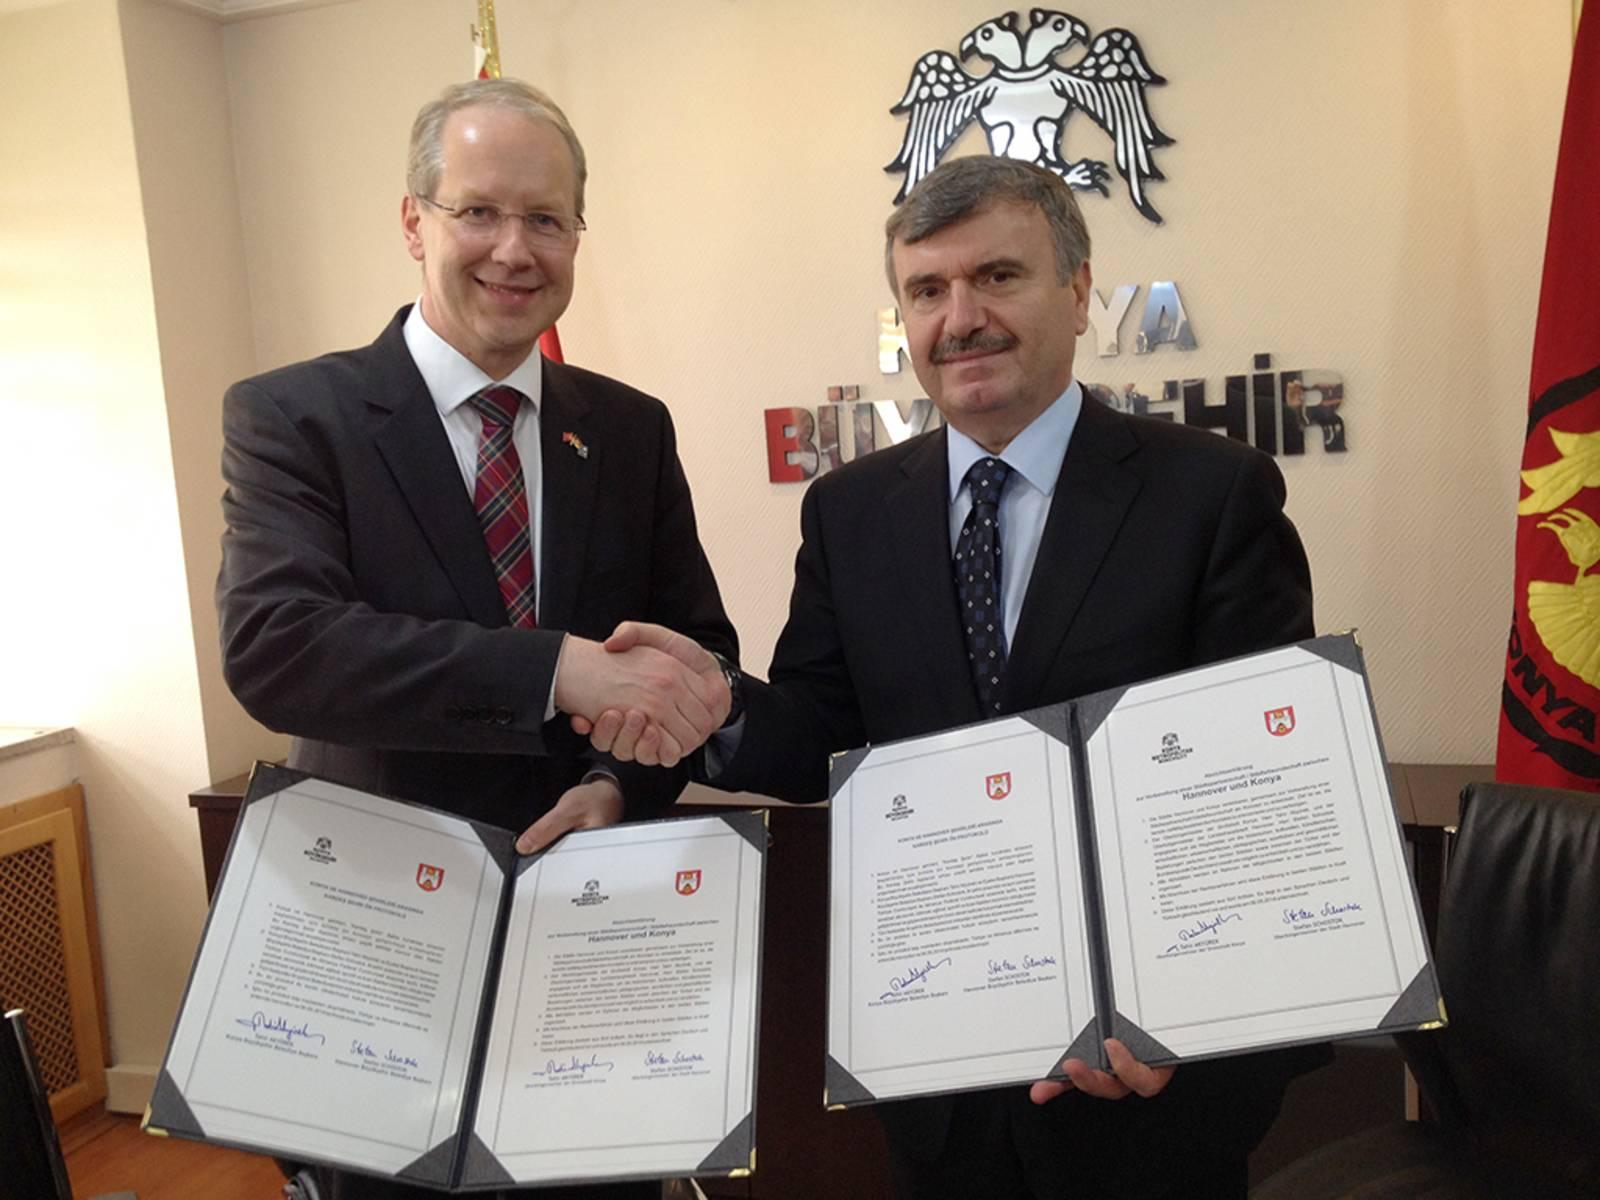 Stefan Schostok und Tahir Akyürek halten die Absichtserklärung zur Prüfung einer engeren Kooperation ihrer Städte in den Händen